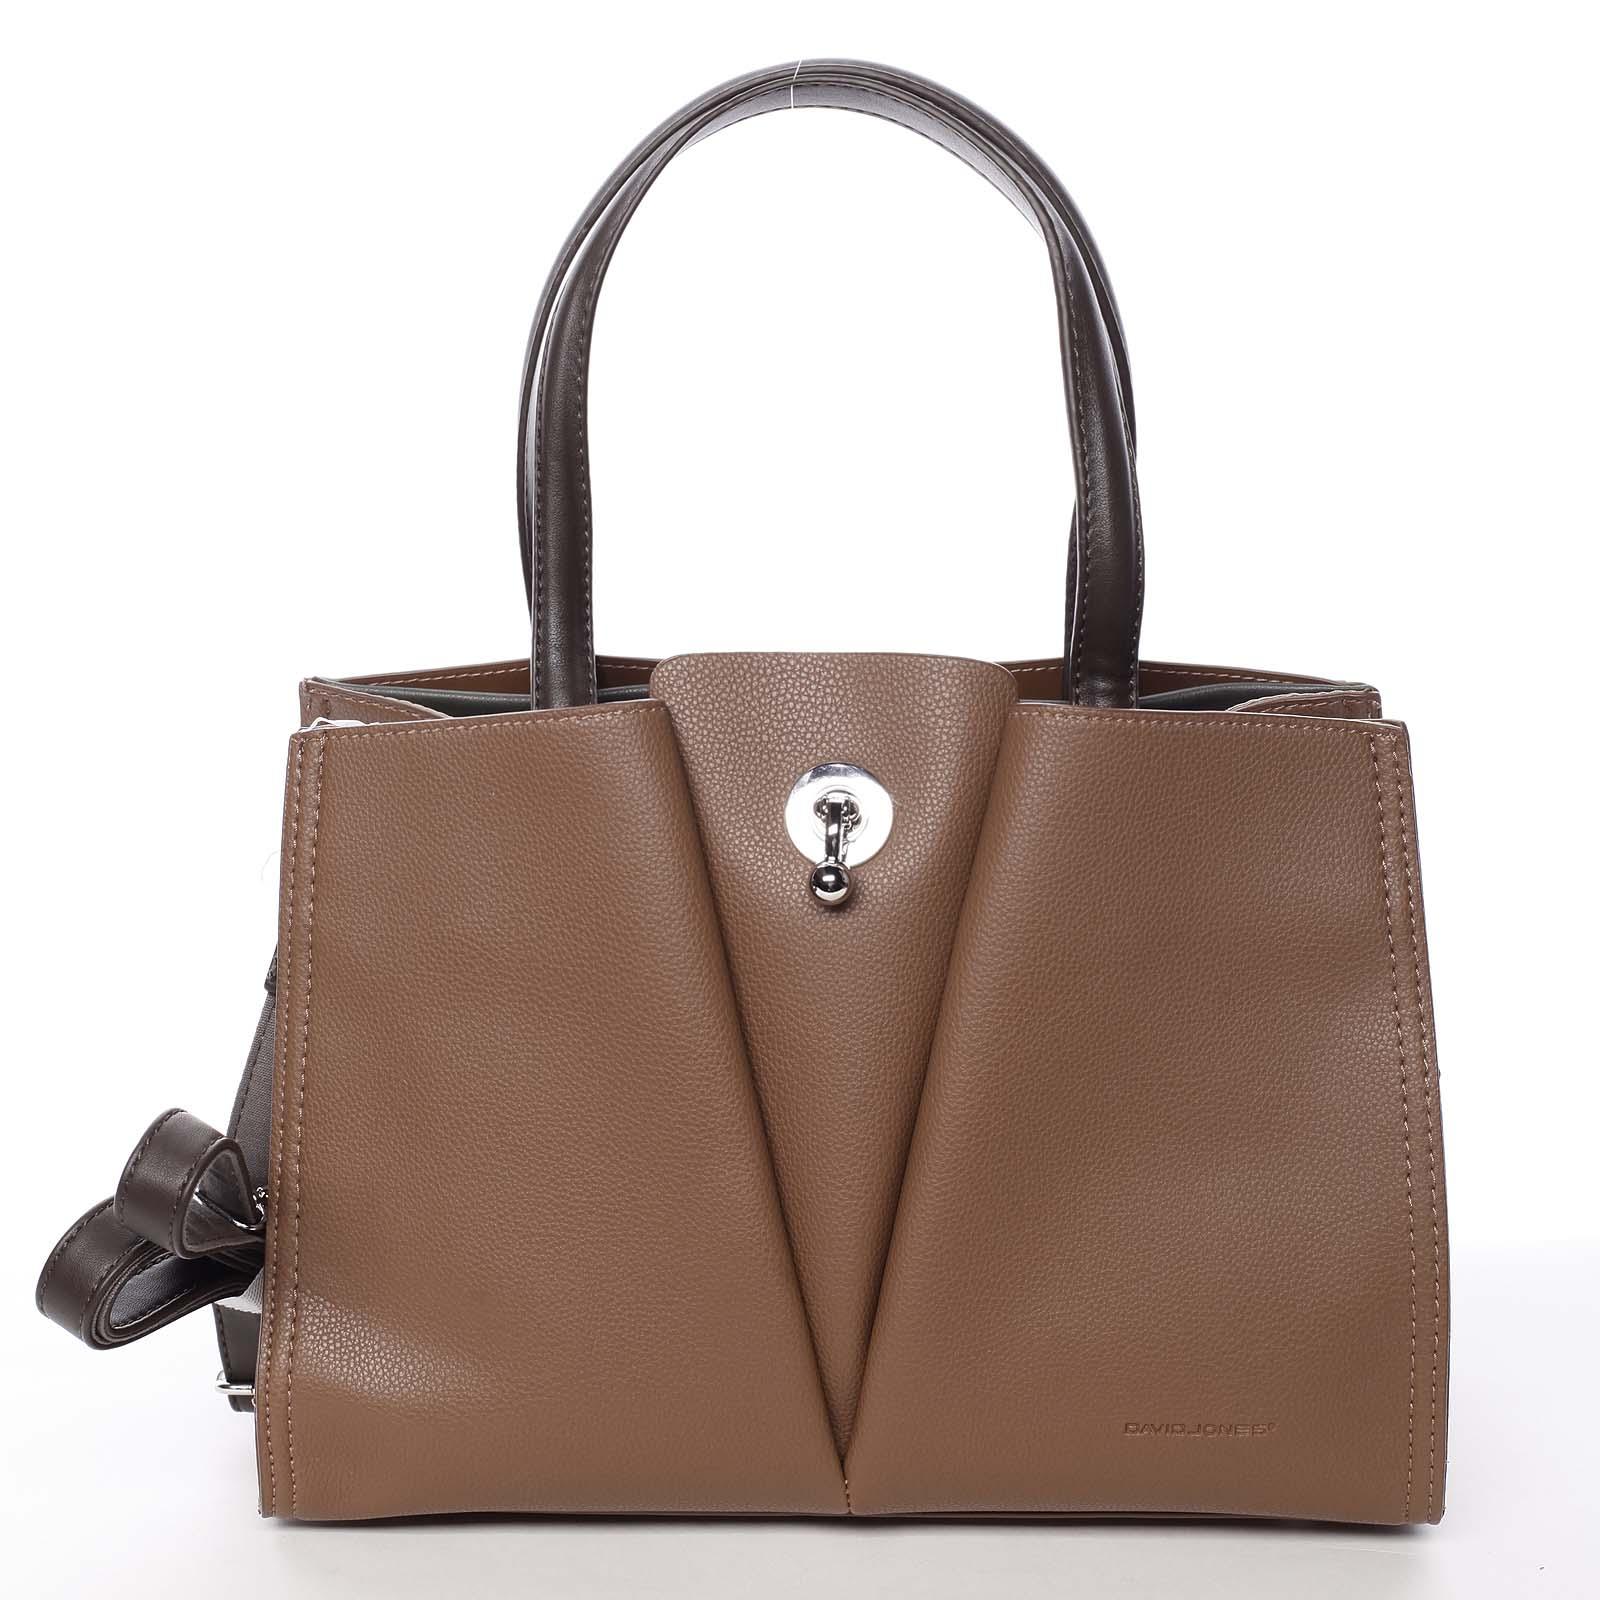 Luxusní dámská hnědá kabelka do ruky - David Jones Aedon